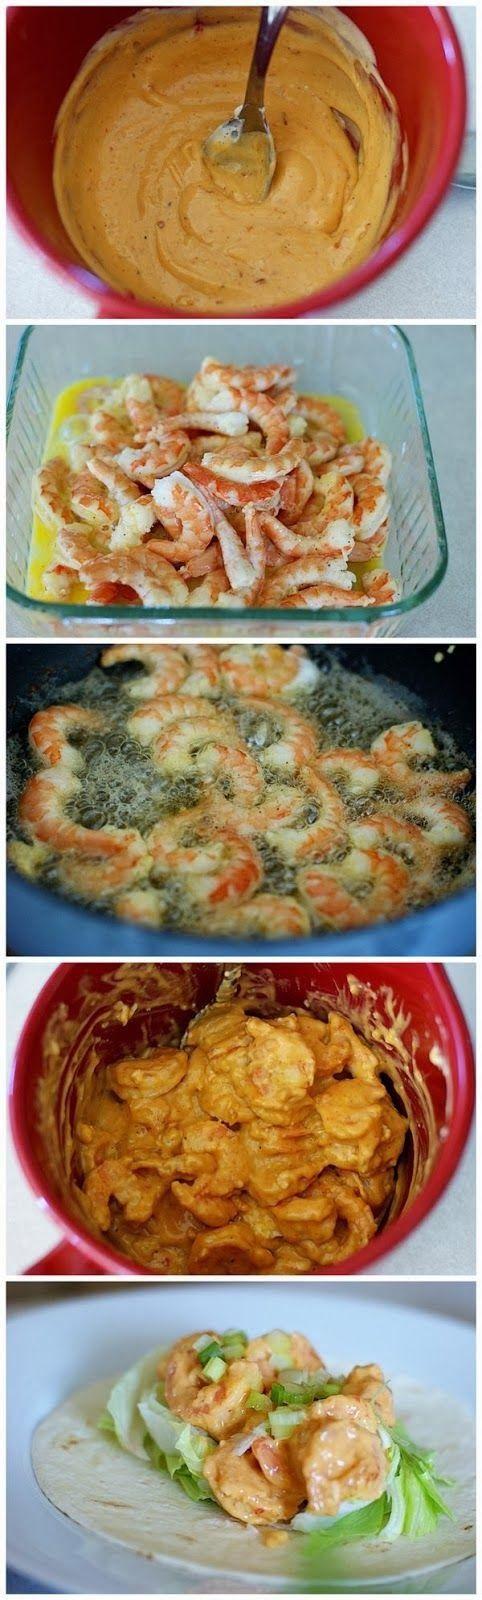 Yummy Recipes: Bonefish Grill's Bang Bang Shrimp Tacos recipe